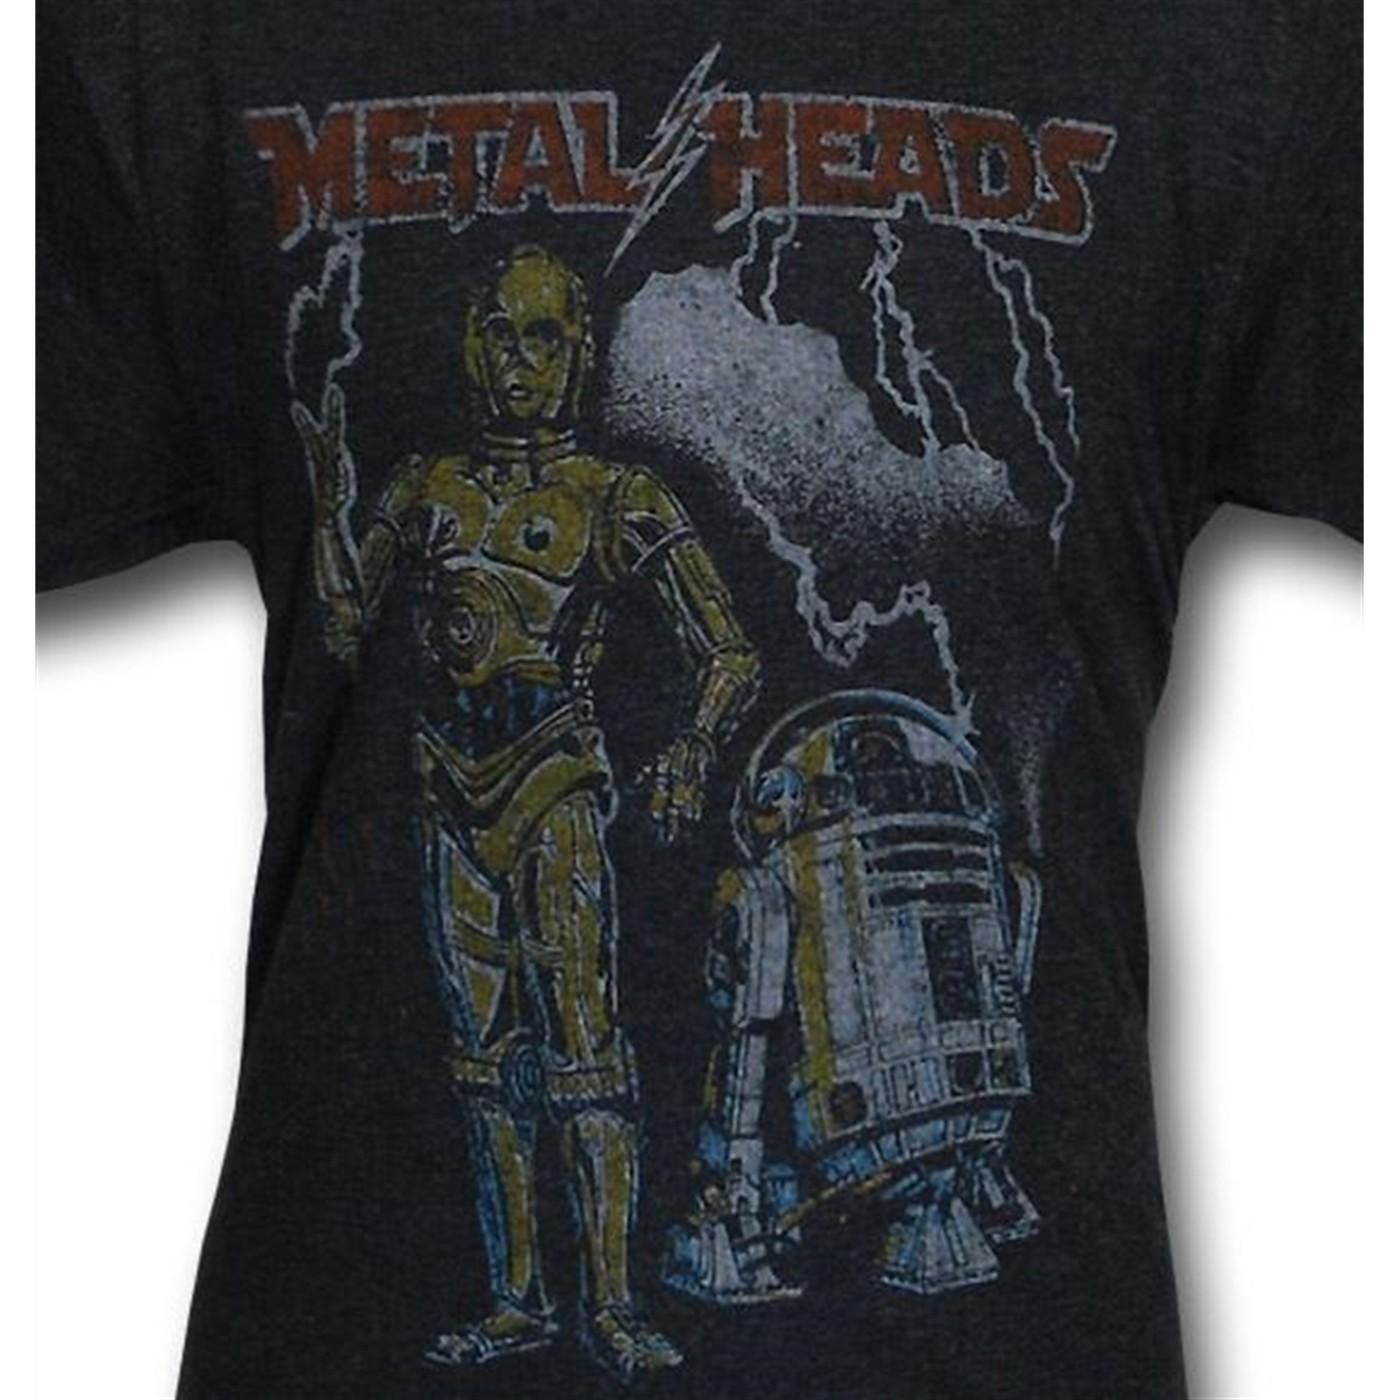 Star Wars Metal Heads Junk Food Triblend T-Shirt